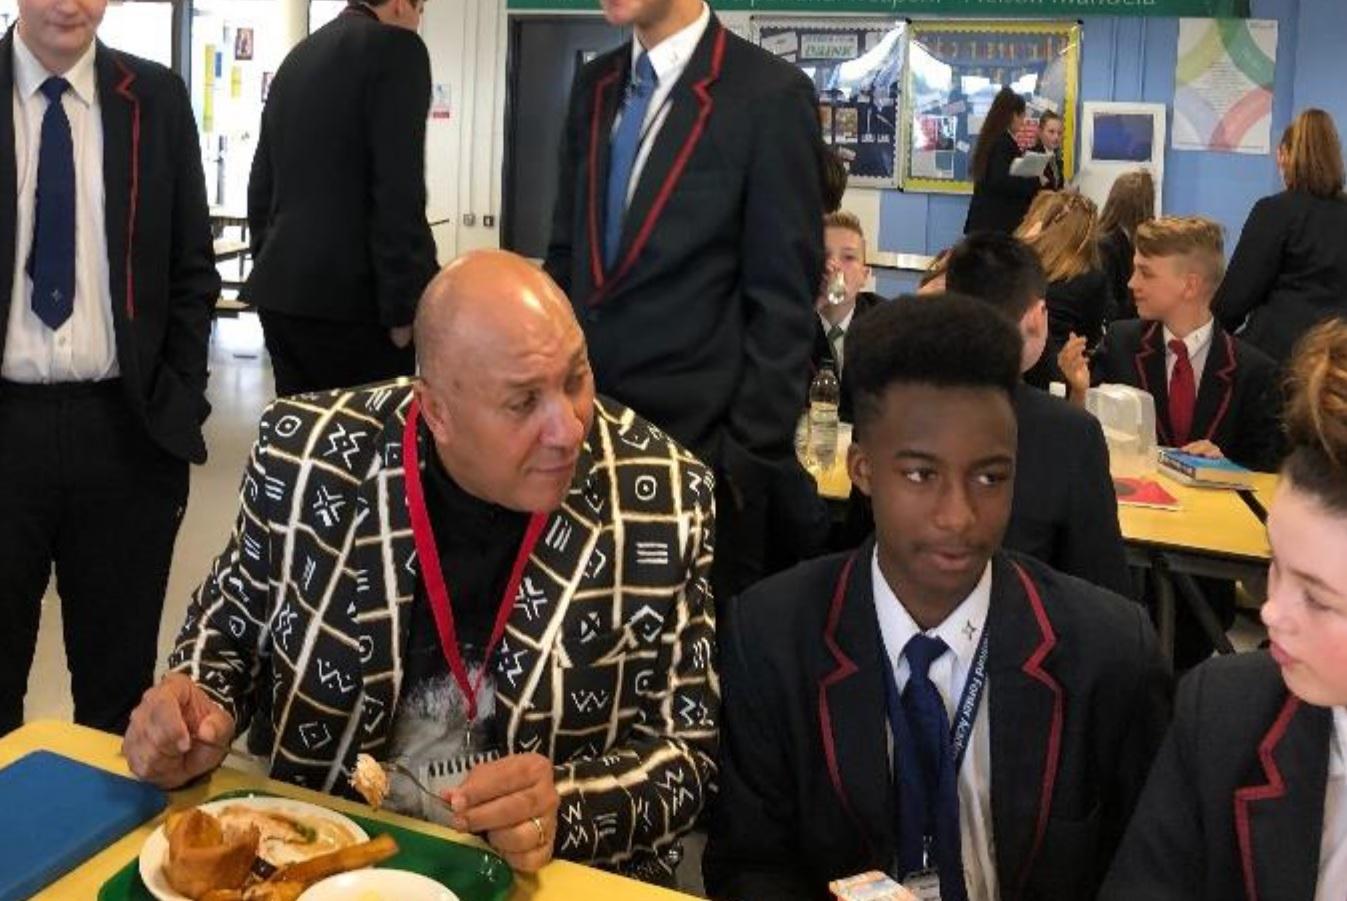 Nelson Mandela's bodyguard visits Bradford school